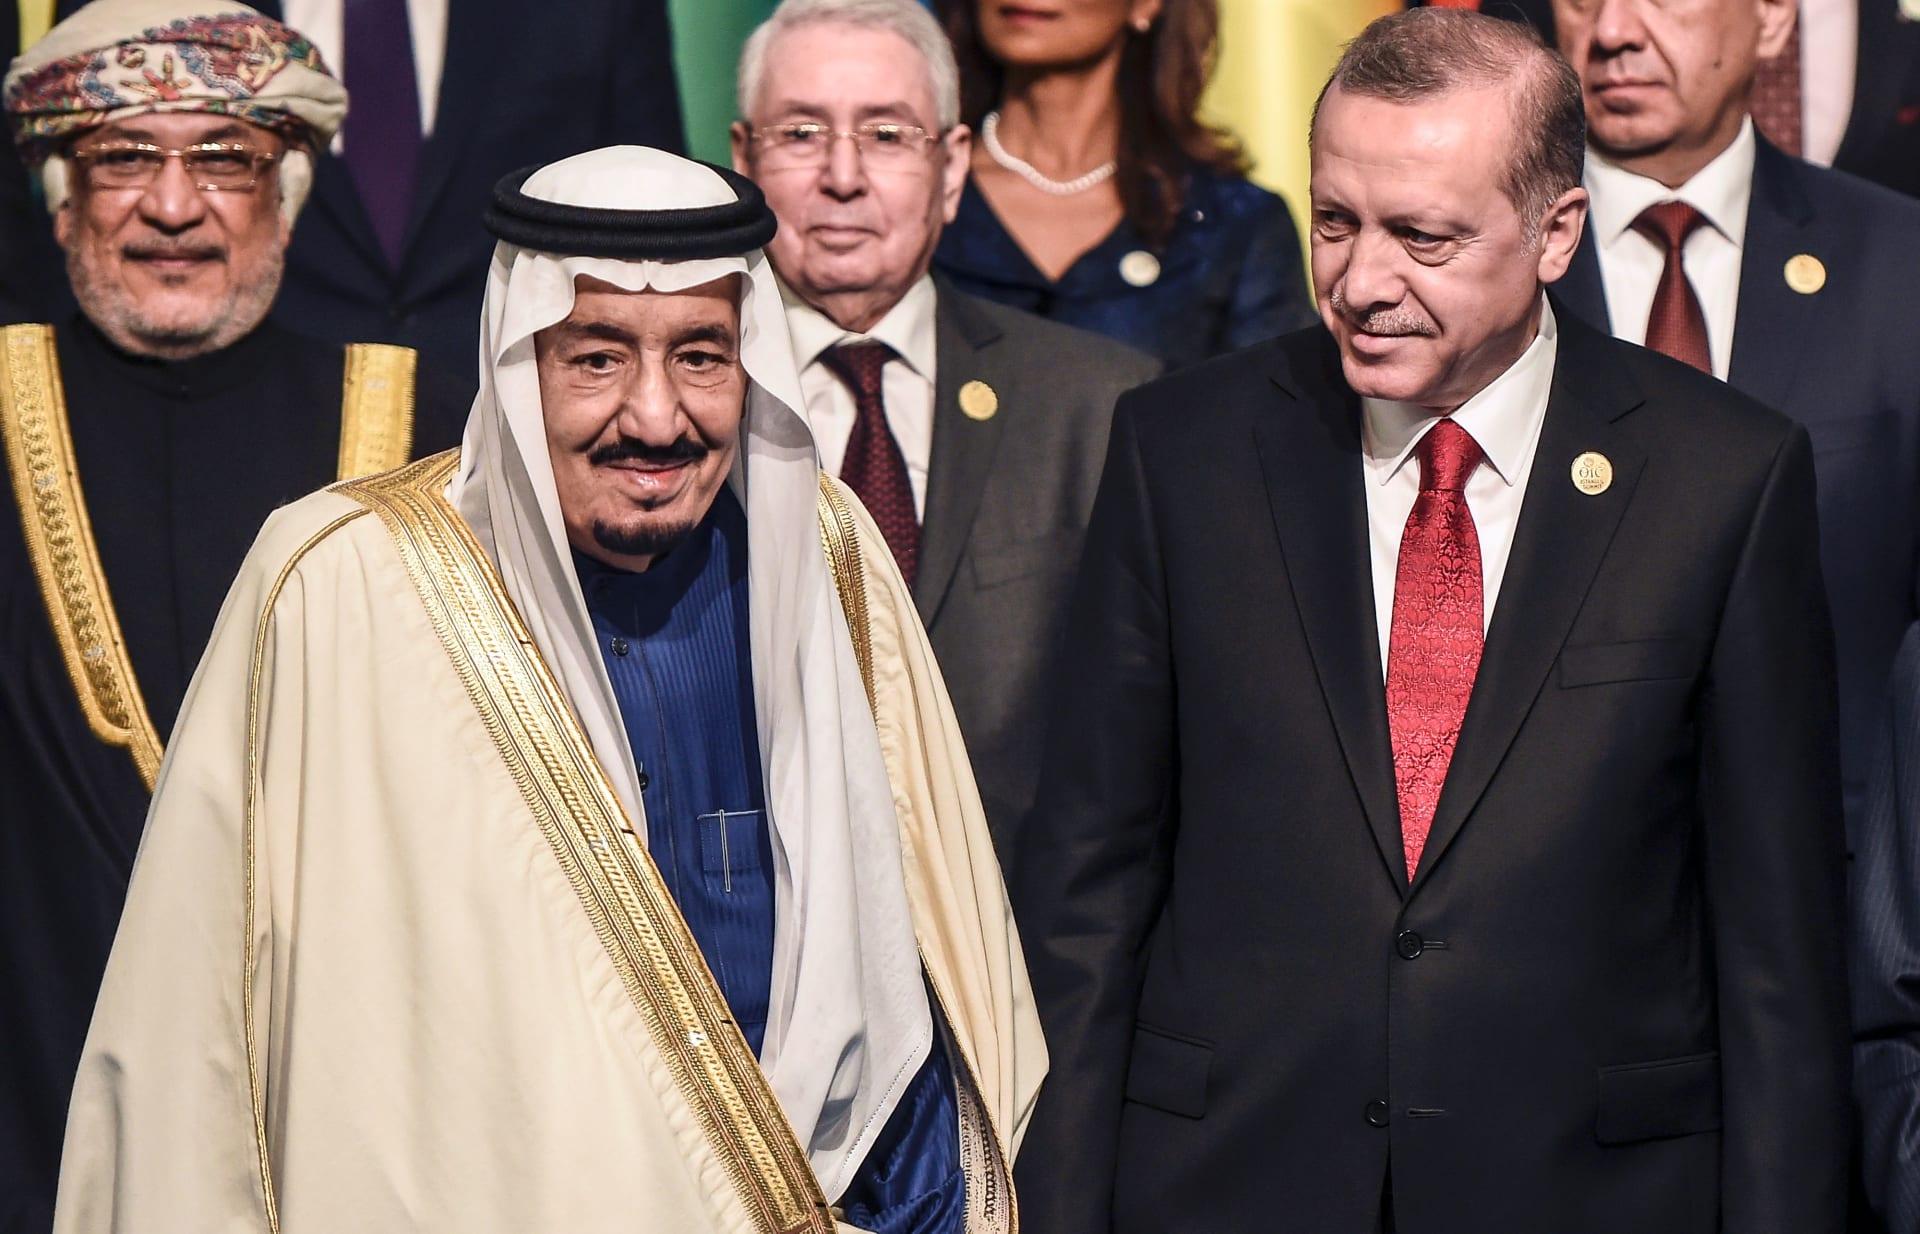 الكشف عما بحثه الملك سلمان وأردوغان في اتصال هاتفي جمعهما الجمعة